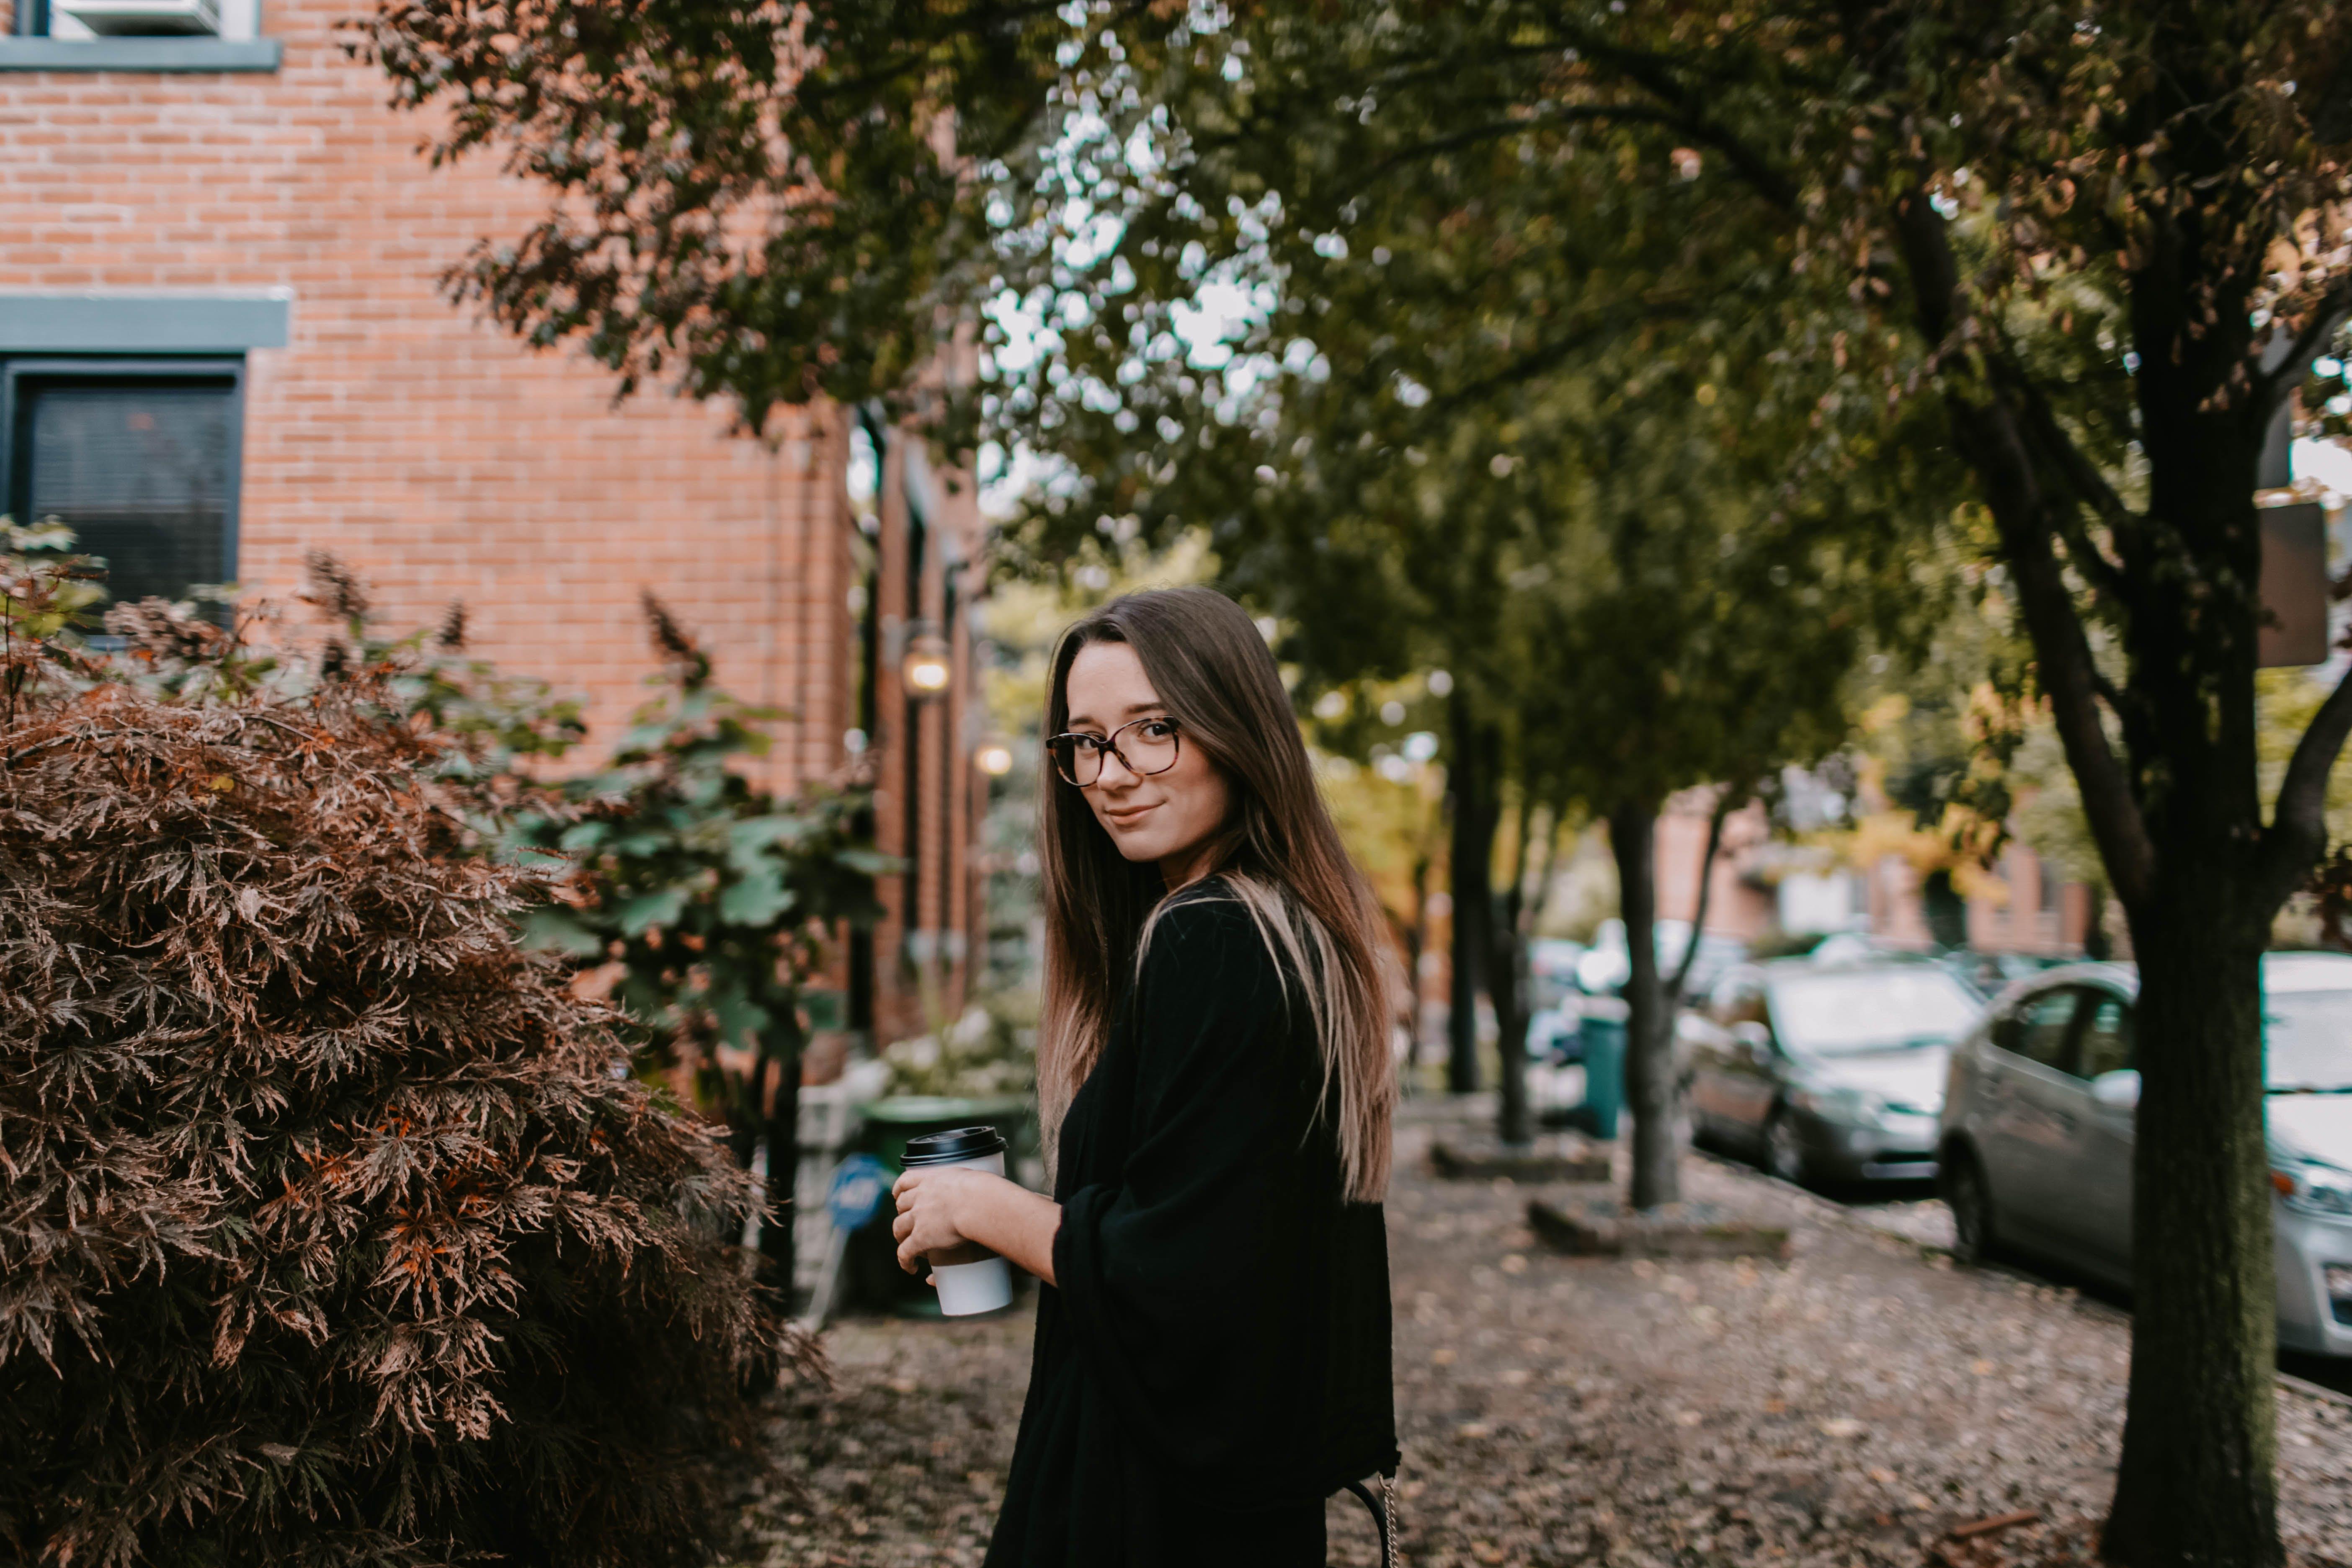 거리, 사람, 소녀, 아름다운의 무료 스톡 사진